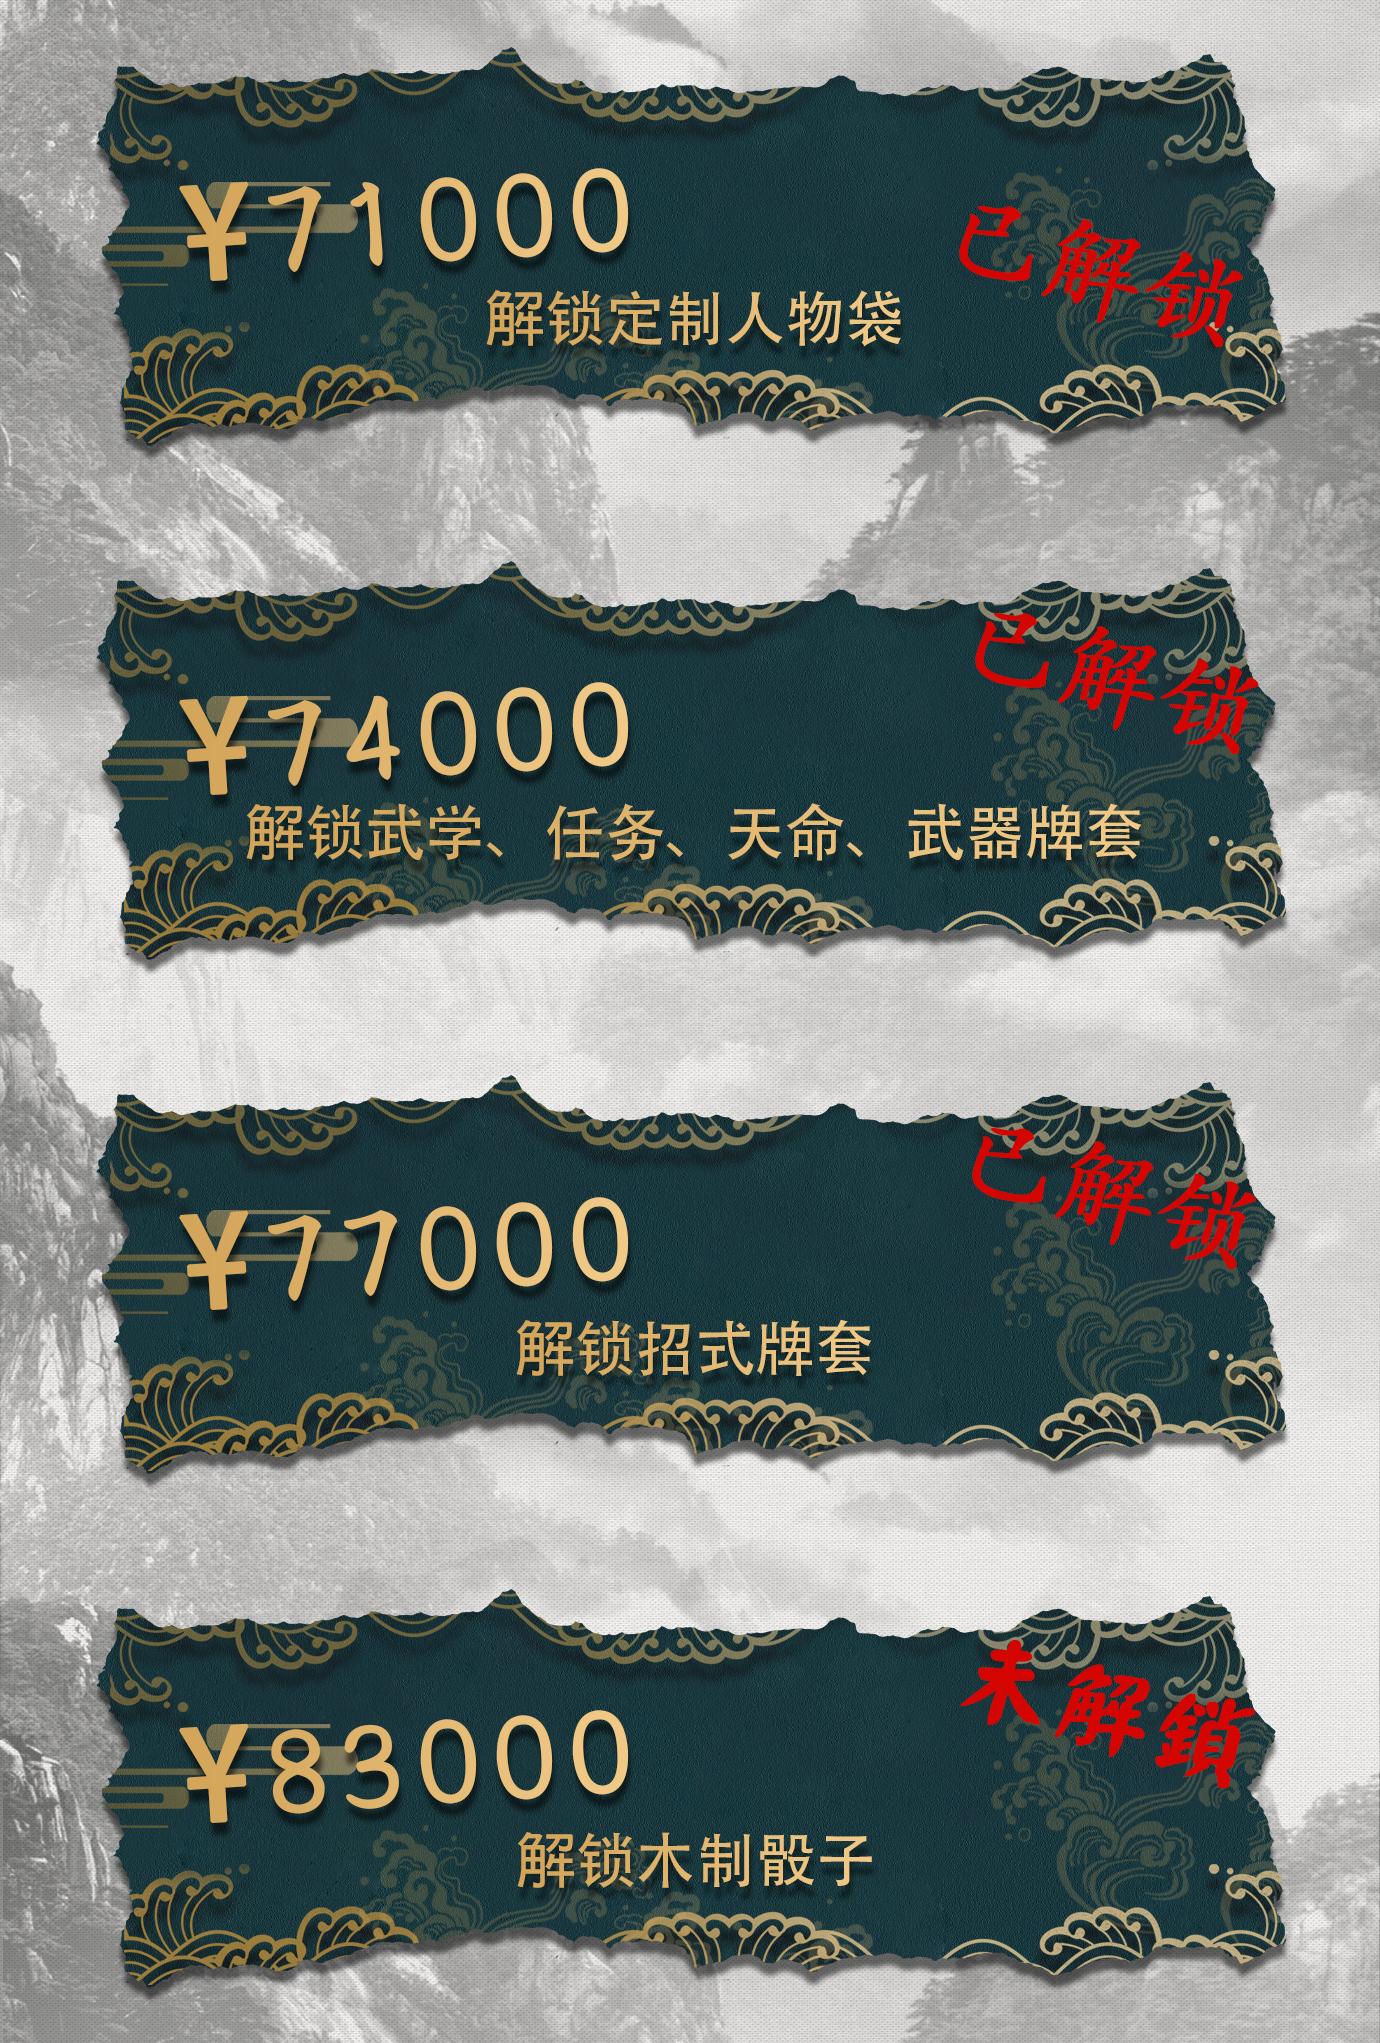 武林风云录众筹解锁3.jpg